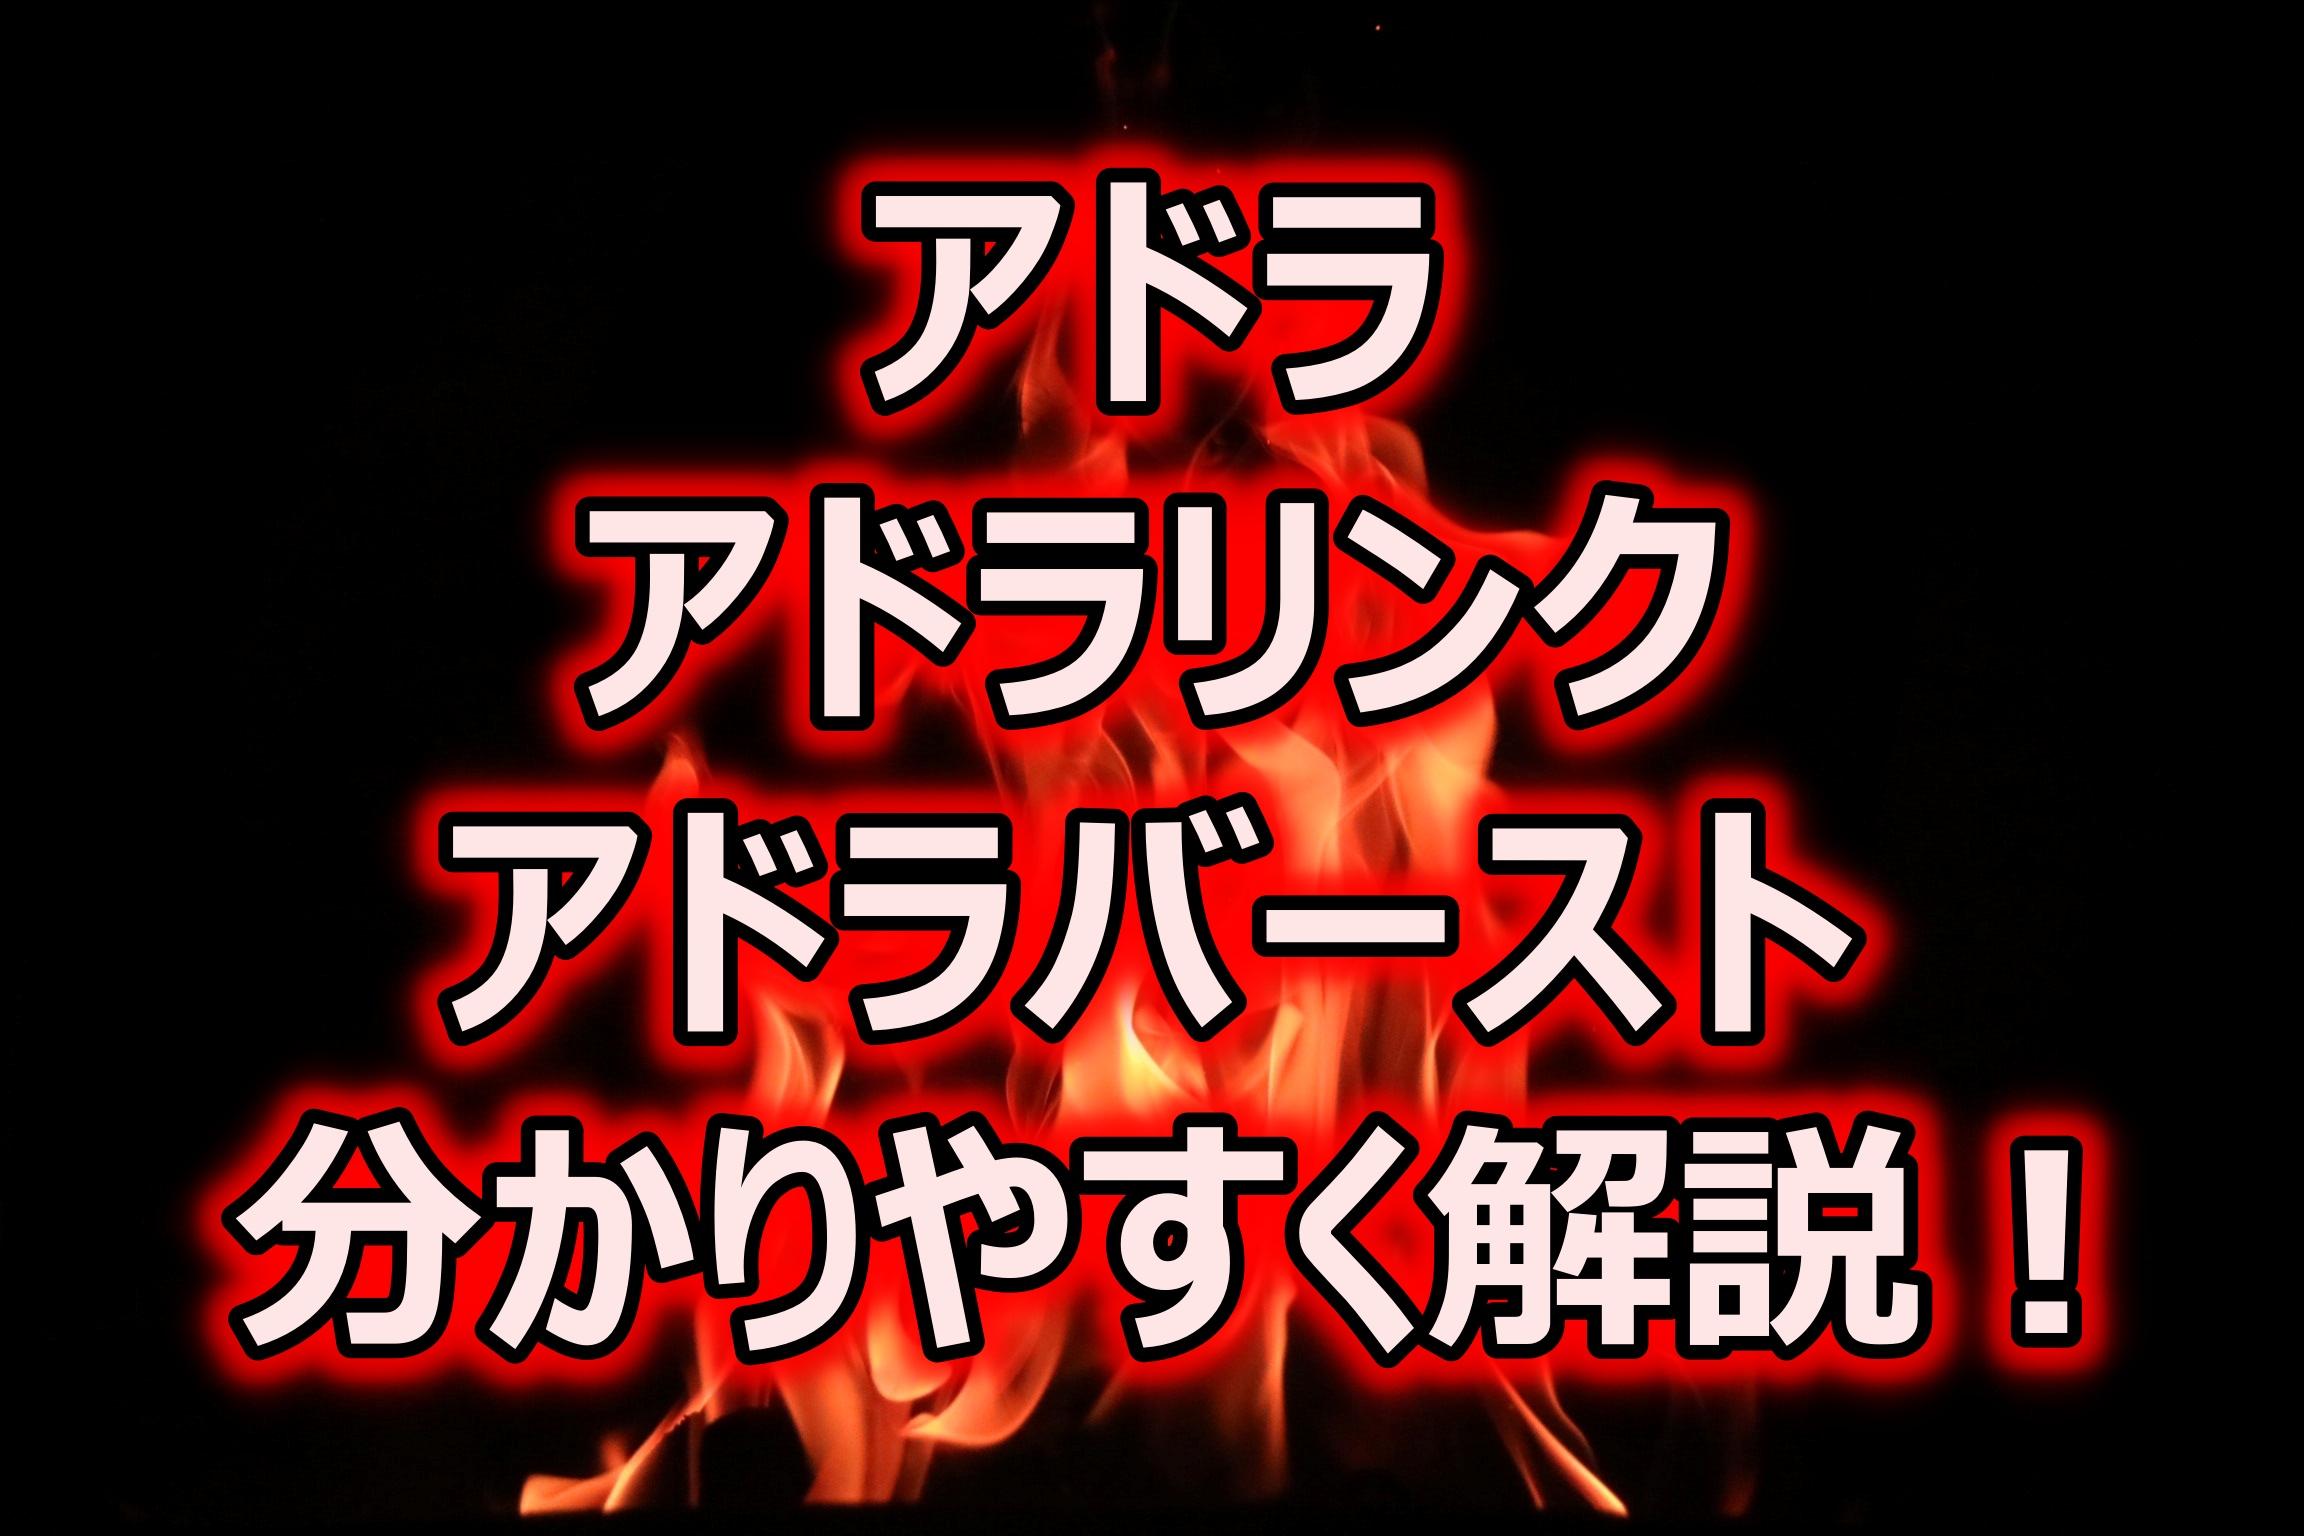 アドラ 炎 隊 々 バースト ノ 消防